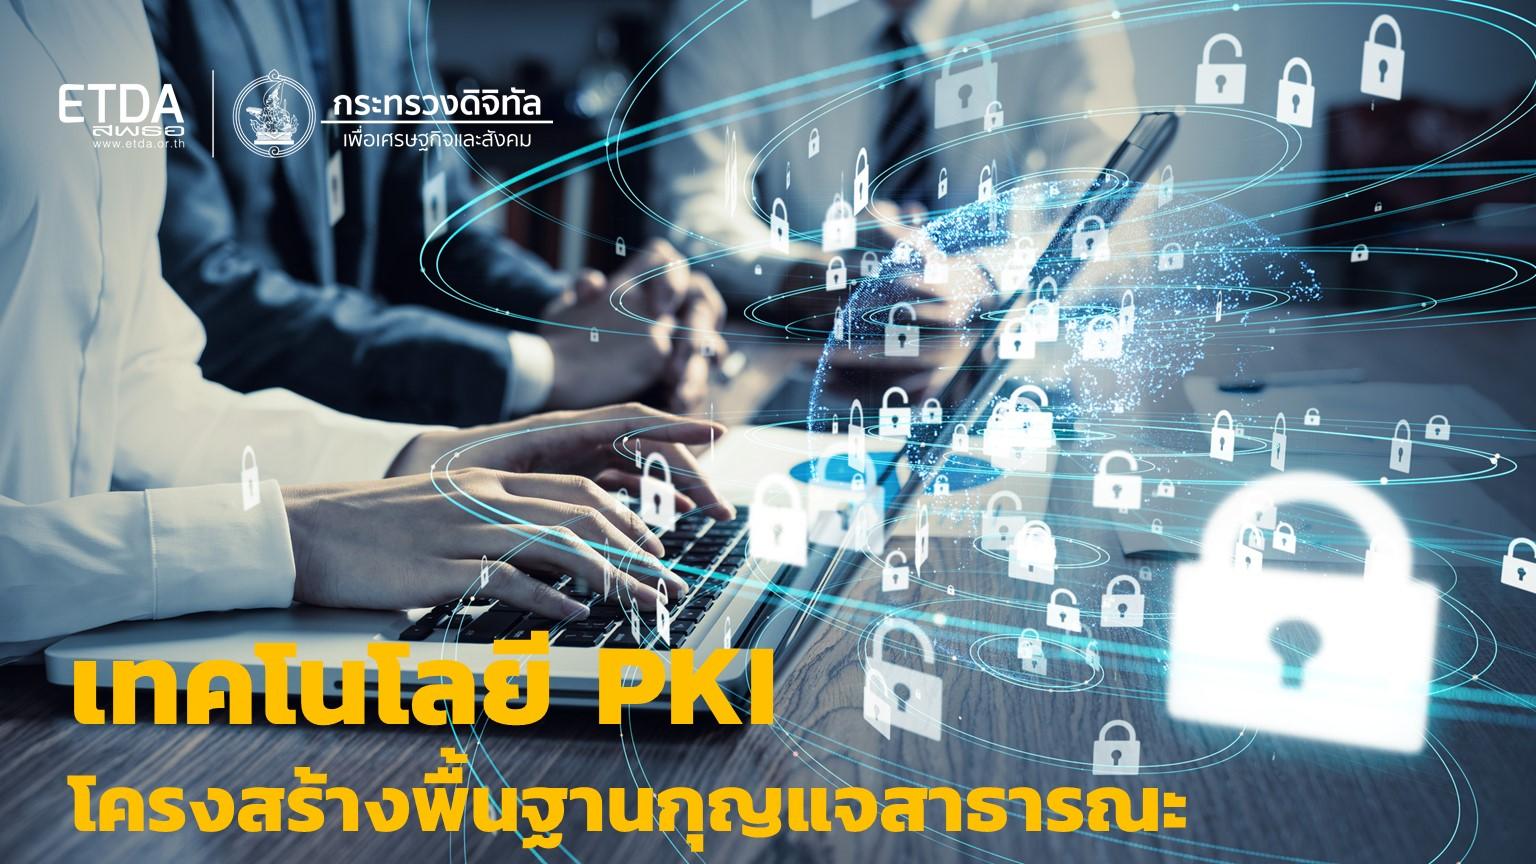 เทคโนโลยีโครงสร้างพื้นฐานกุญแจสาธารณะ (Public Key Infrastructure : PKI)